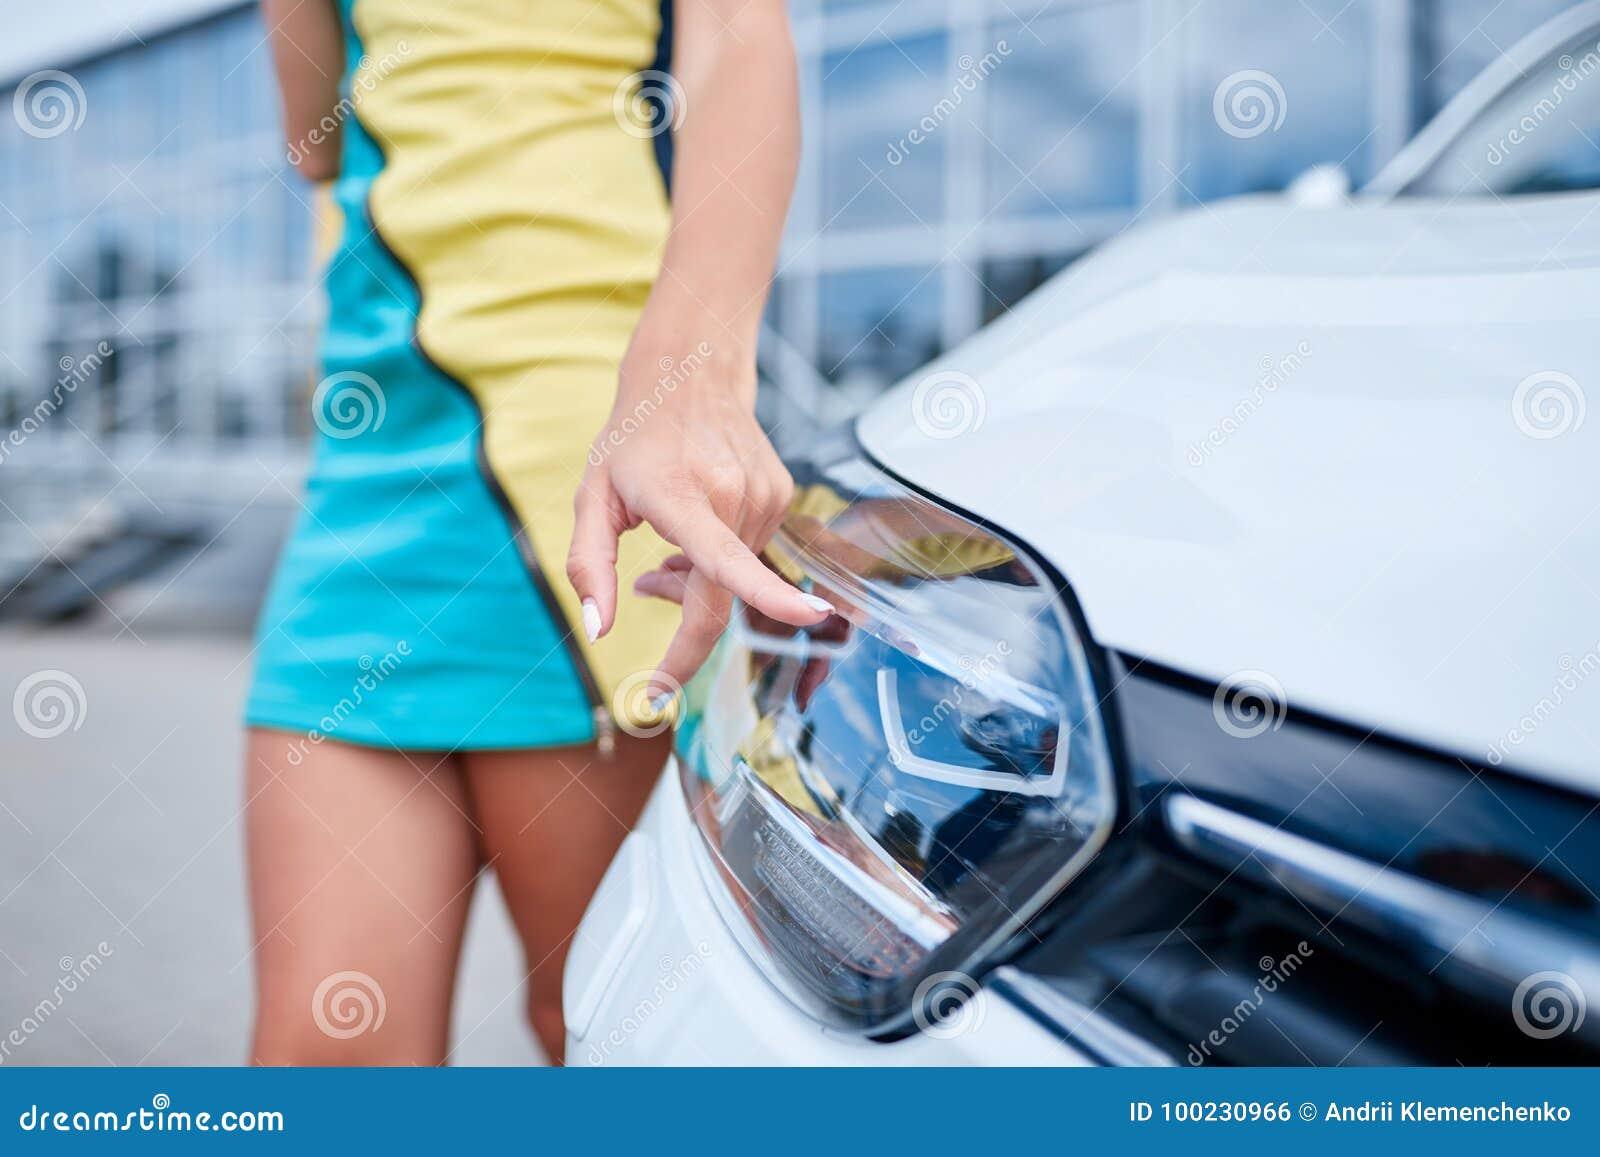 Красивая девушка рядом с новым автомобилем Концепция покупать новый автомобиль